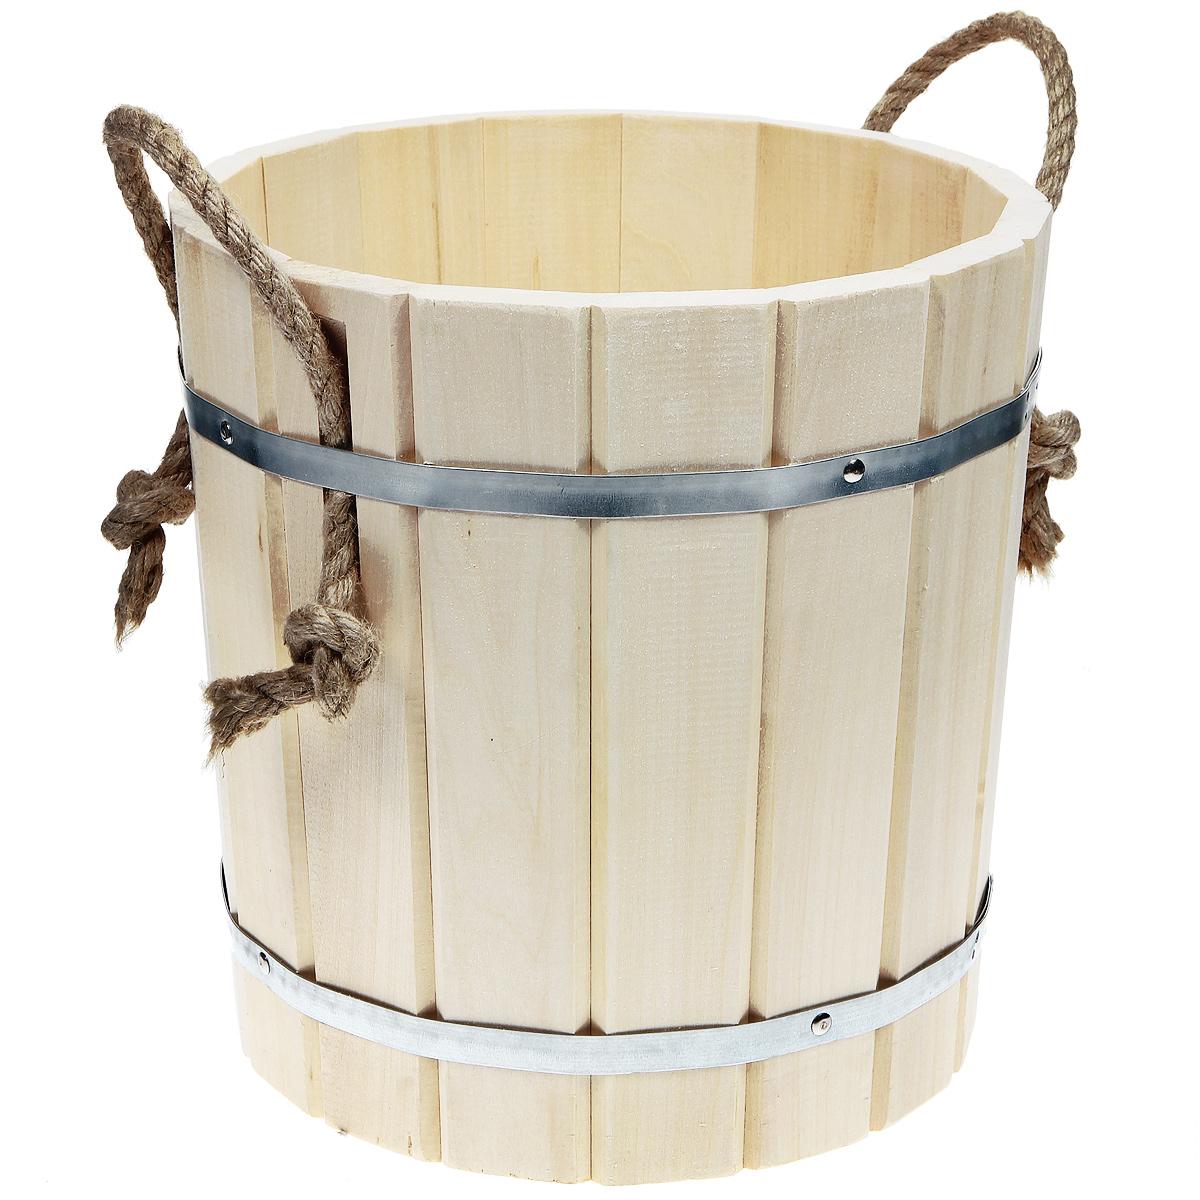 Запарник Банные штучки, с веревочными ручками, 15 л32017Запарник Банные штучки, изготовленный из дерева (липы), доставит вам настоящее удовольствие от банной процедуры. При запаривании веник обретает свою природную силу и сохраняет полезные свойства. Корпус запарника состоит из металлических обручей, стянутых клепками. Для более удобного использования запарник имеет веревочные ручки. Интересная штука - баня. Место, где одинаково хорошо и в компании, и в одиночестве. Перекресток, казалось бы, разных направлений - общение и здоровье. Приятное и полезное. И всегда в позитиве. Характеристики: Материал: дерево (липа), металл. Высота запарника: 32 см. Диаметр запарника по верхнему краю: 31 см. Объем: 15 л. Артикул: 32017.